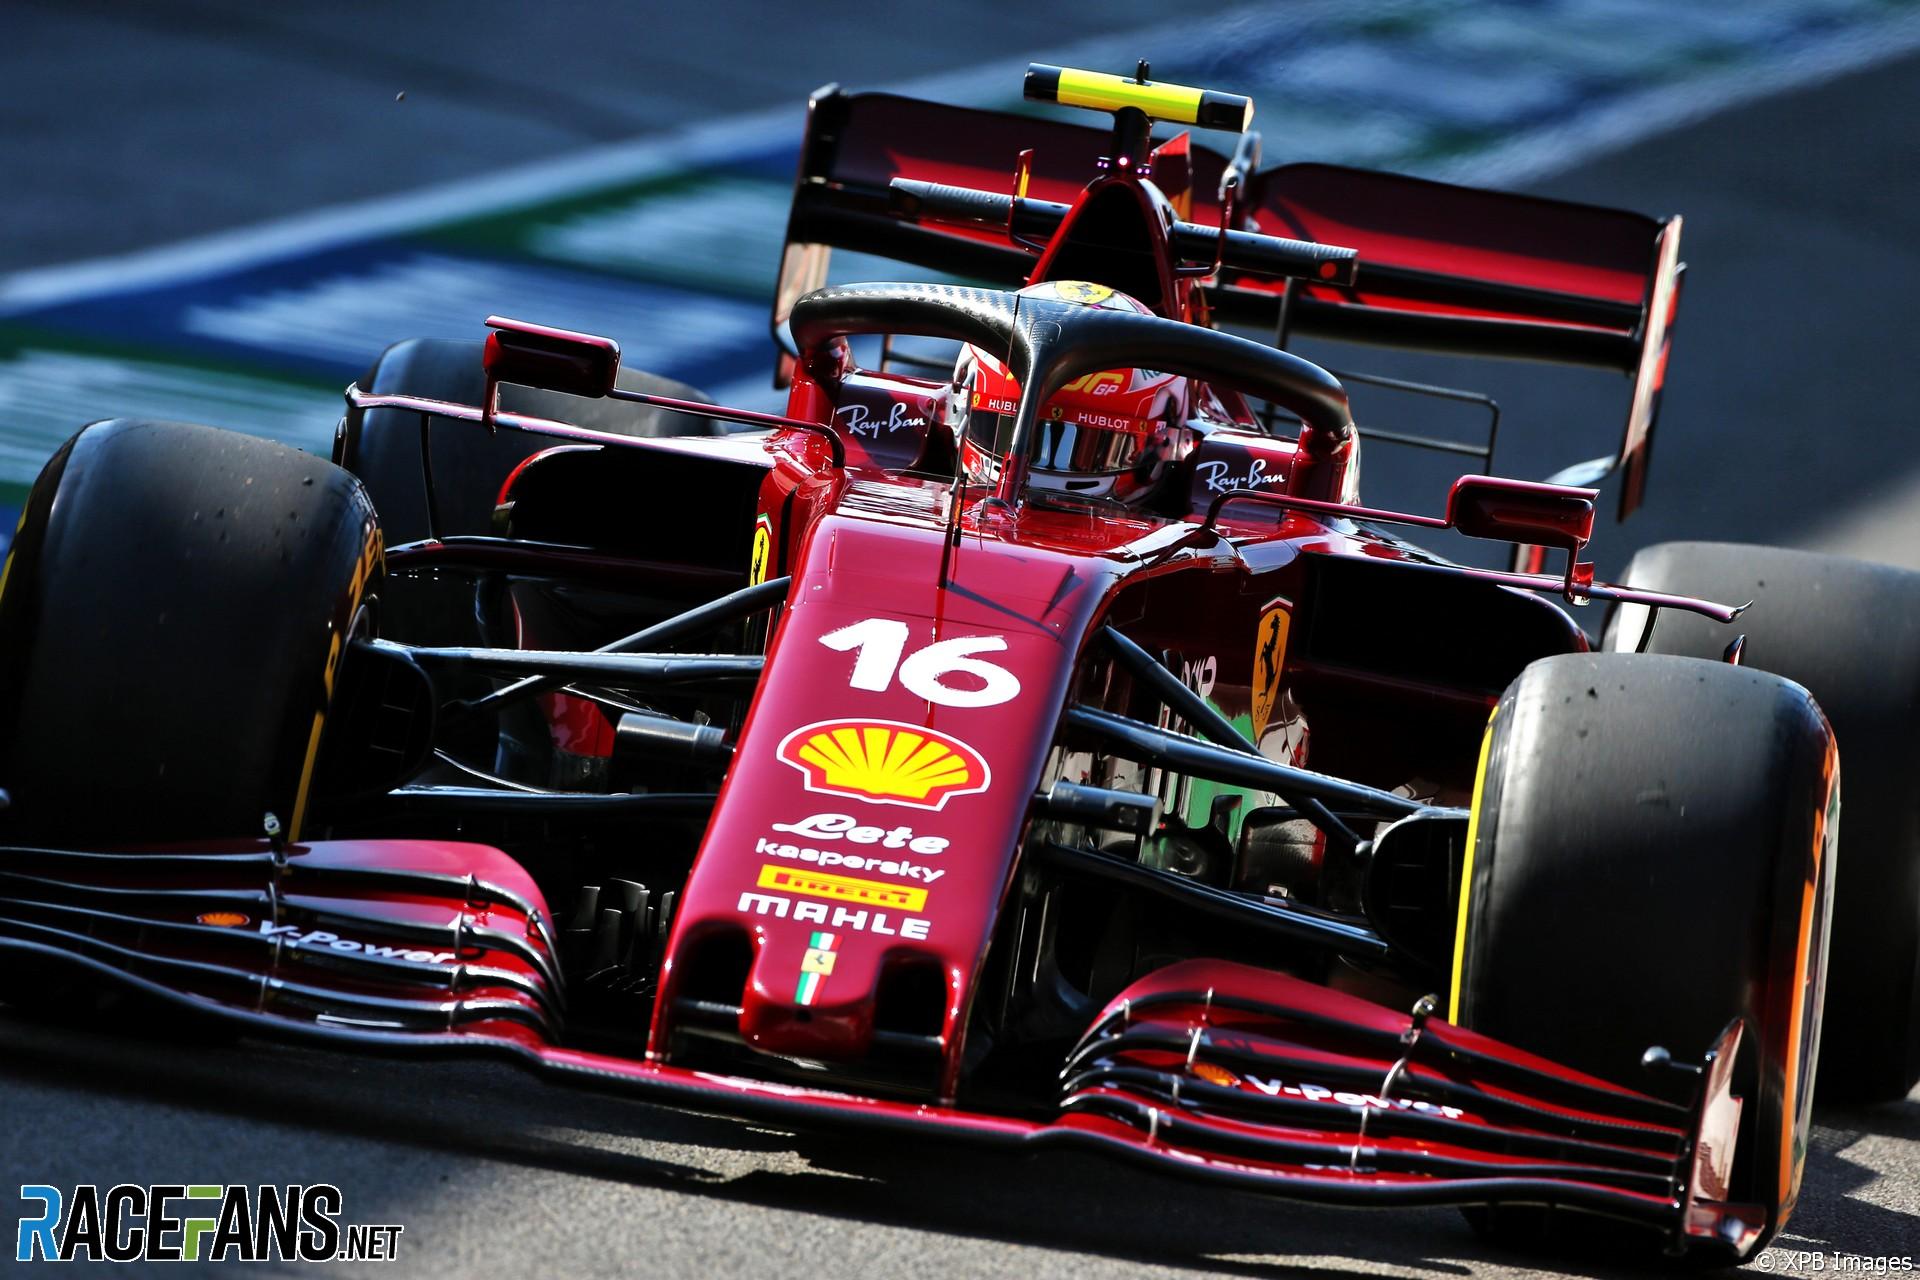 Filming Day Helped Ferrari Make Quick Start At Mugello Leclerc Racefans